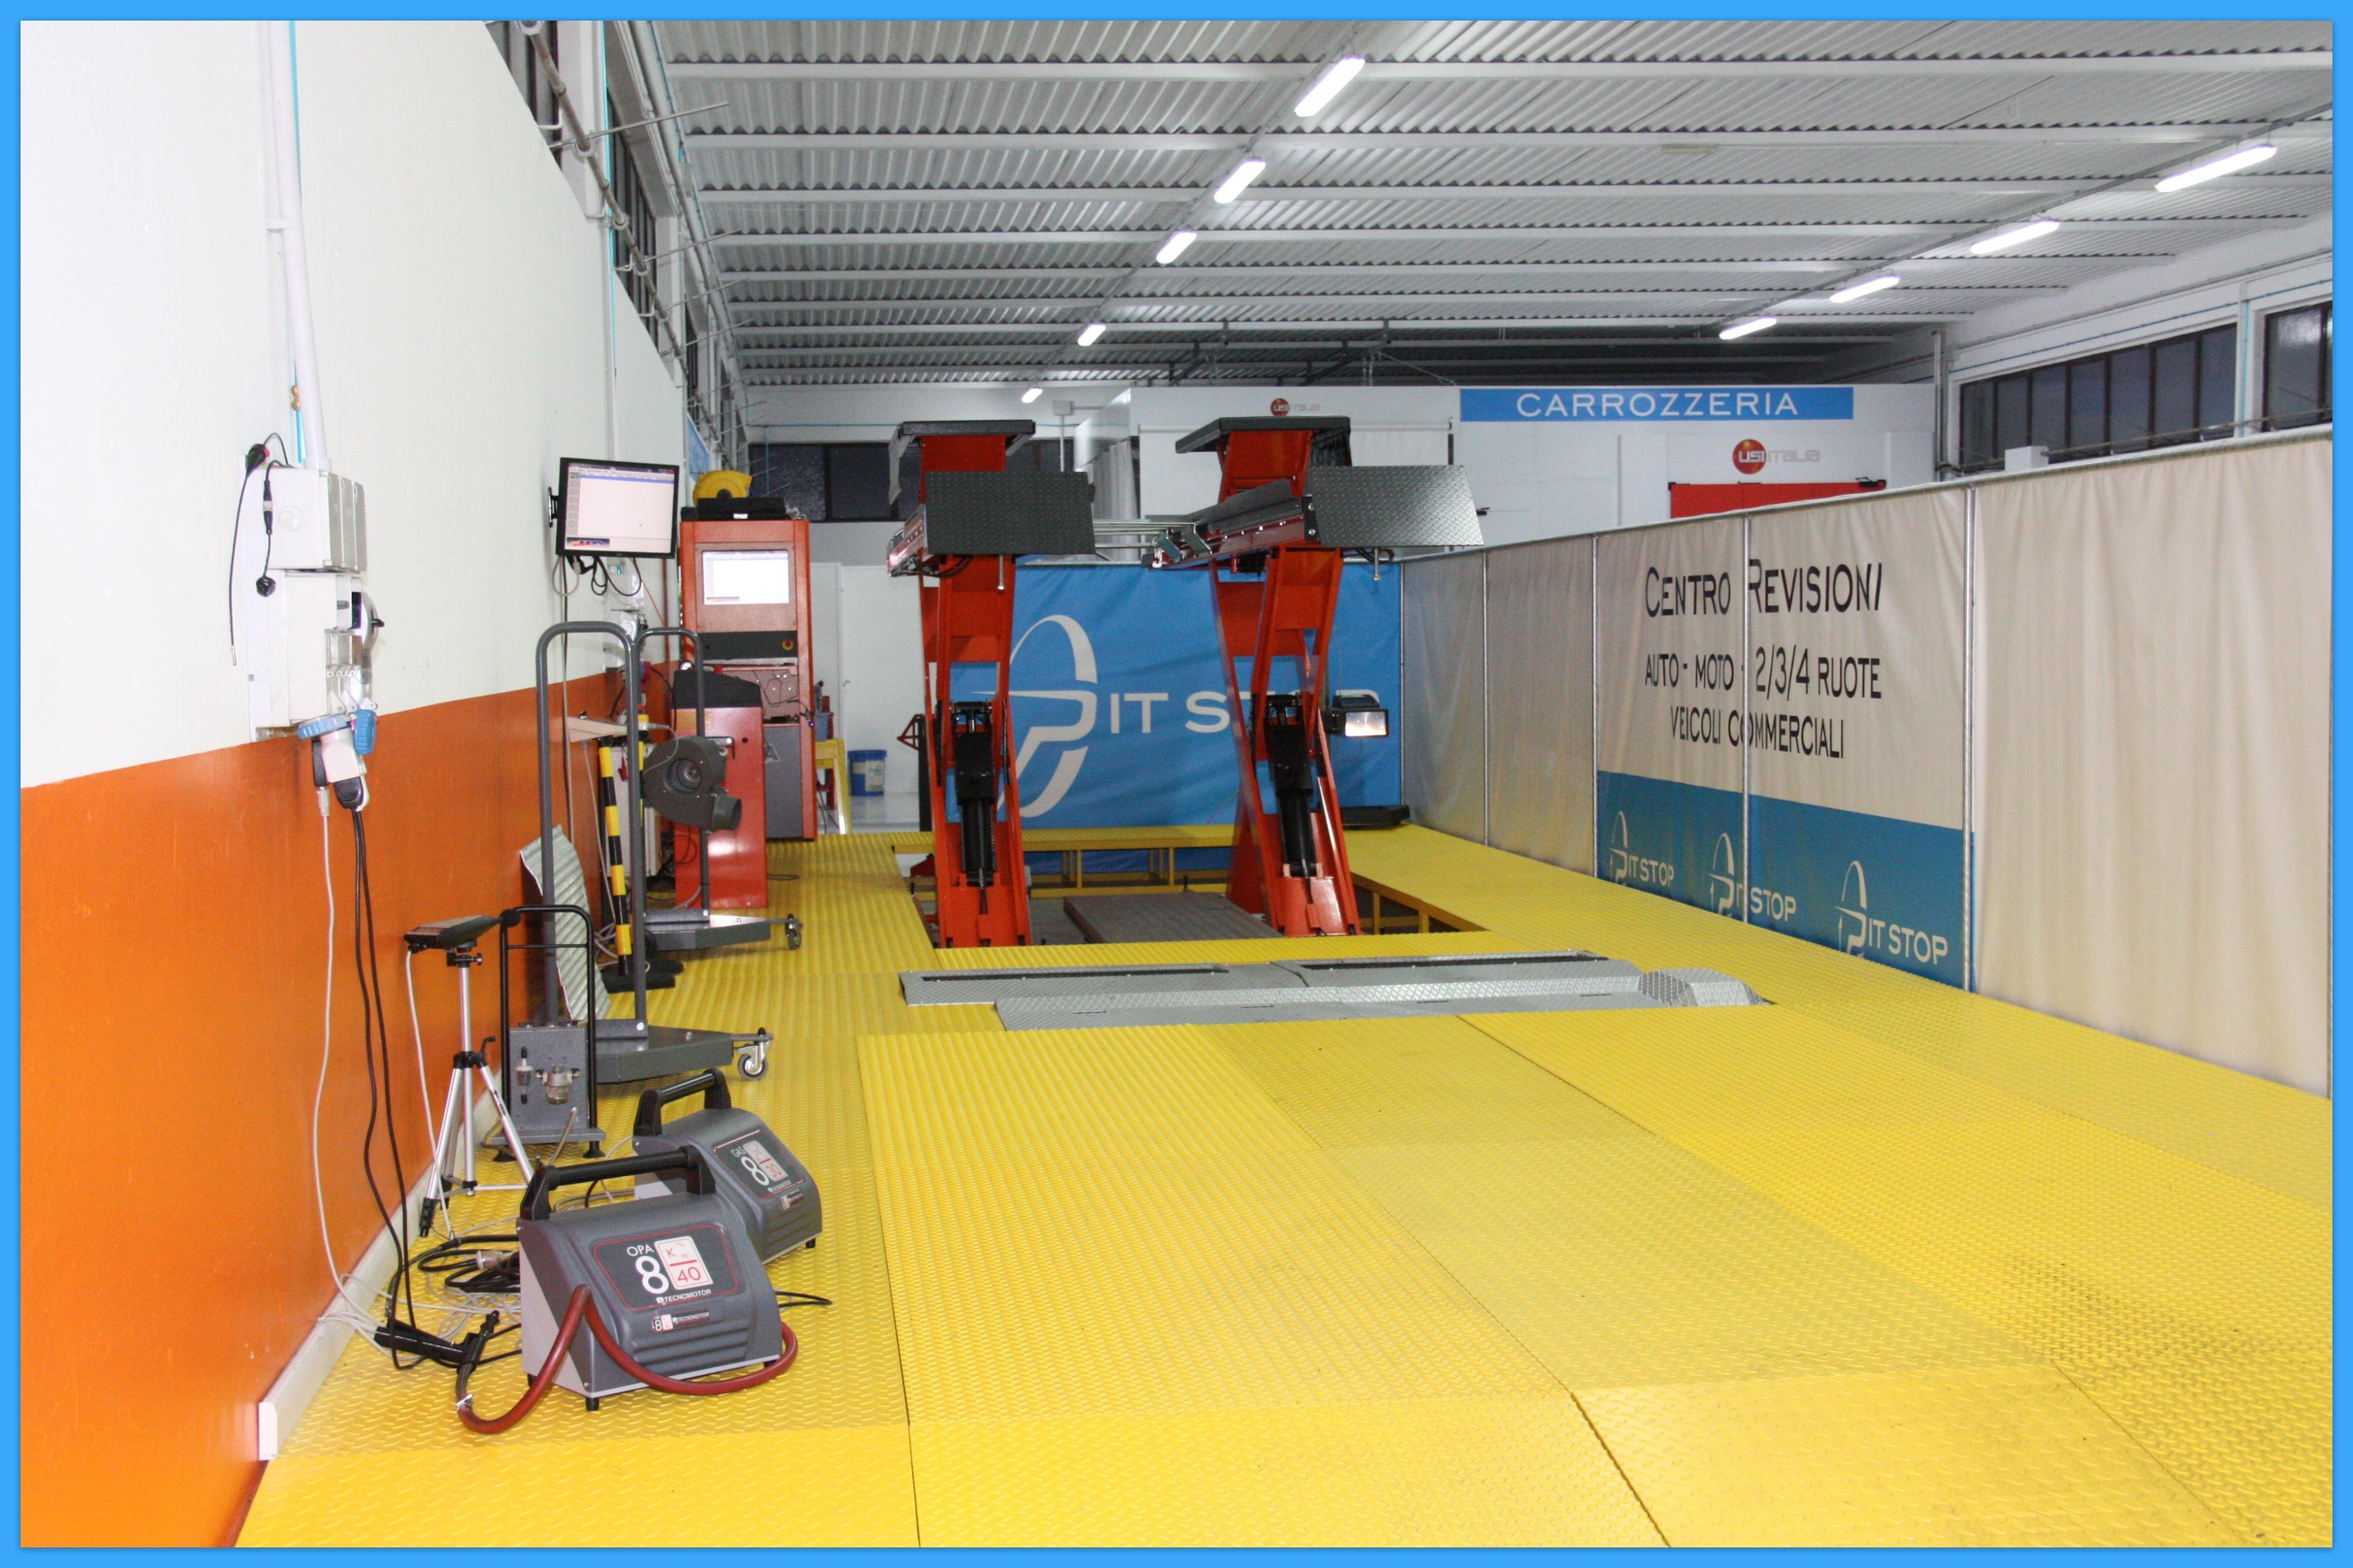 Centro Revisioni Auto - Pit Stop s.r.l. revisione auto montebelluna